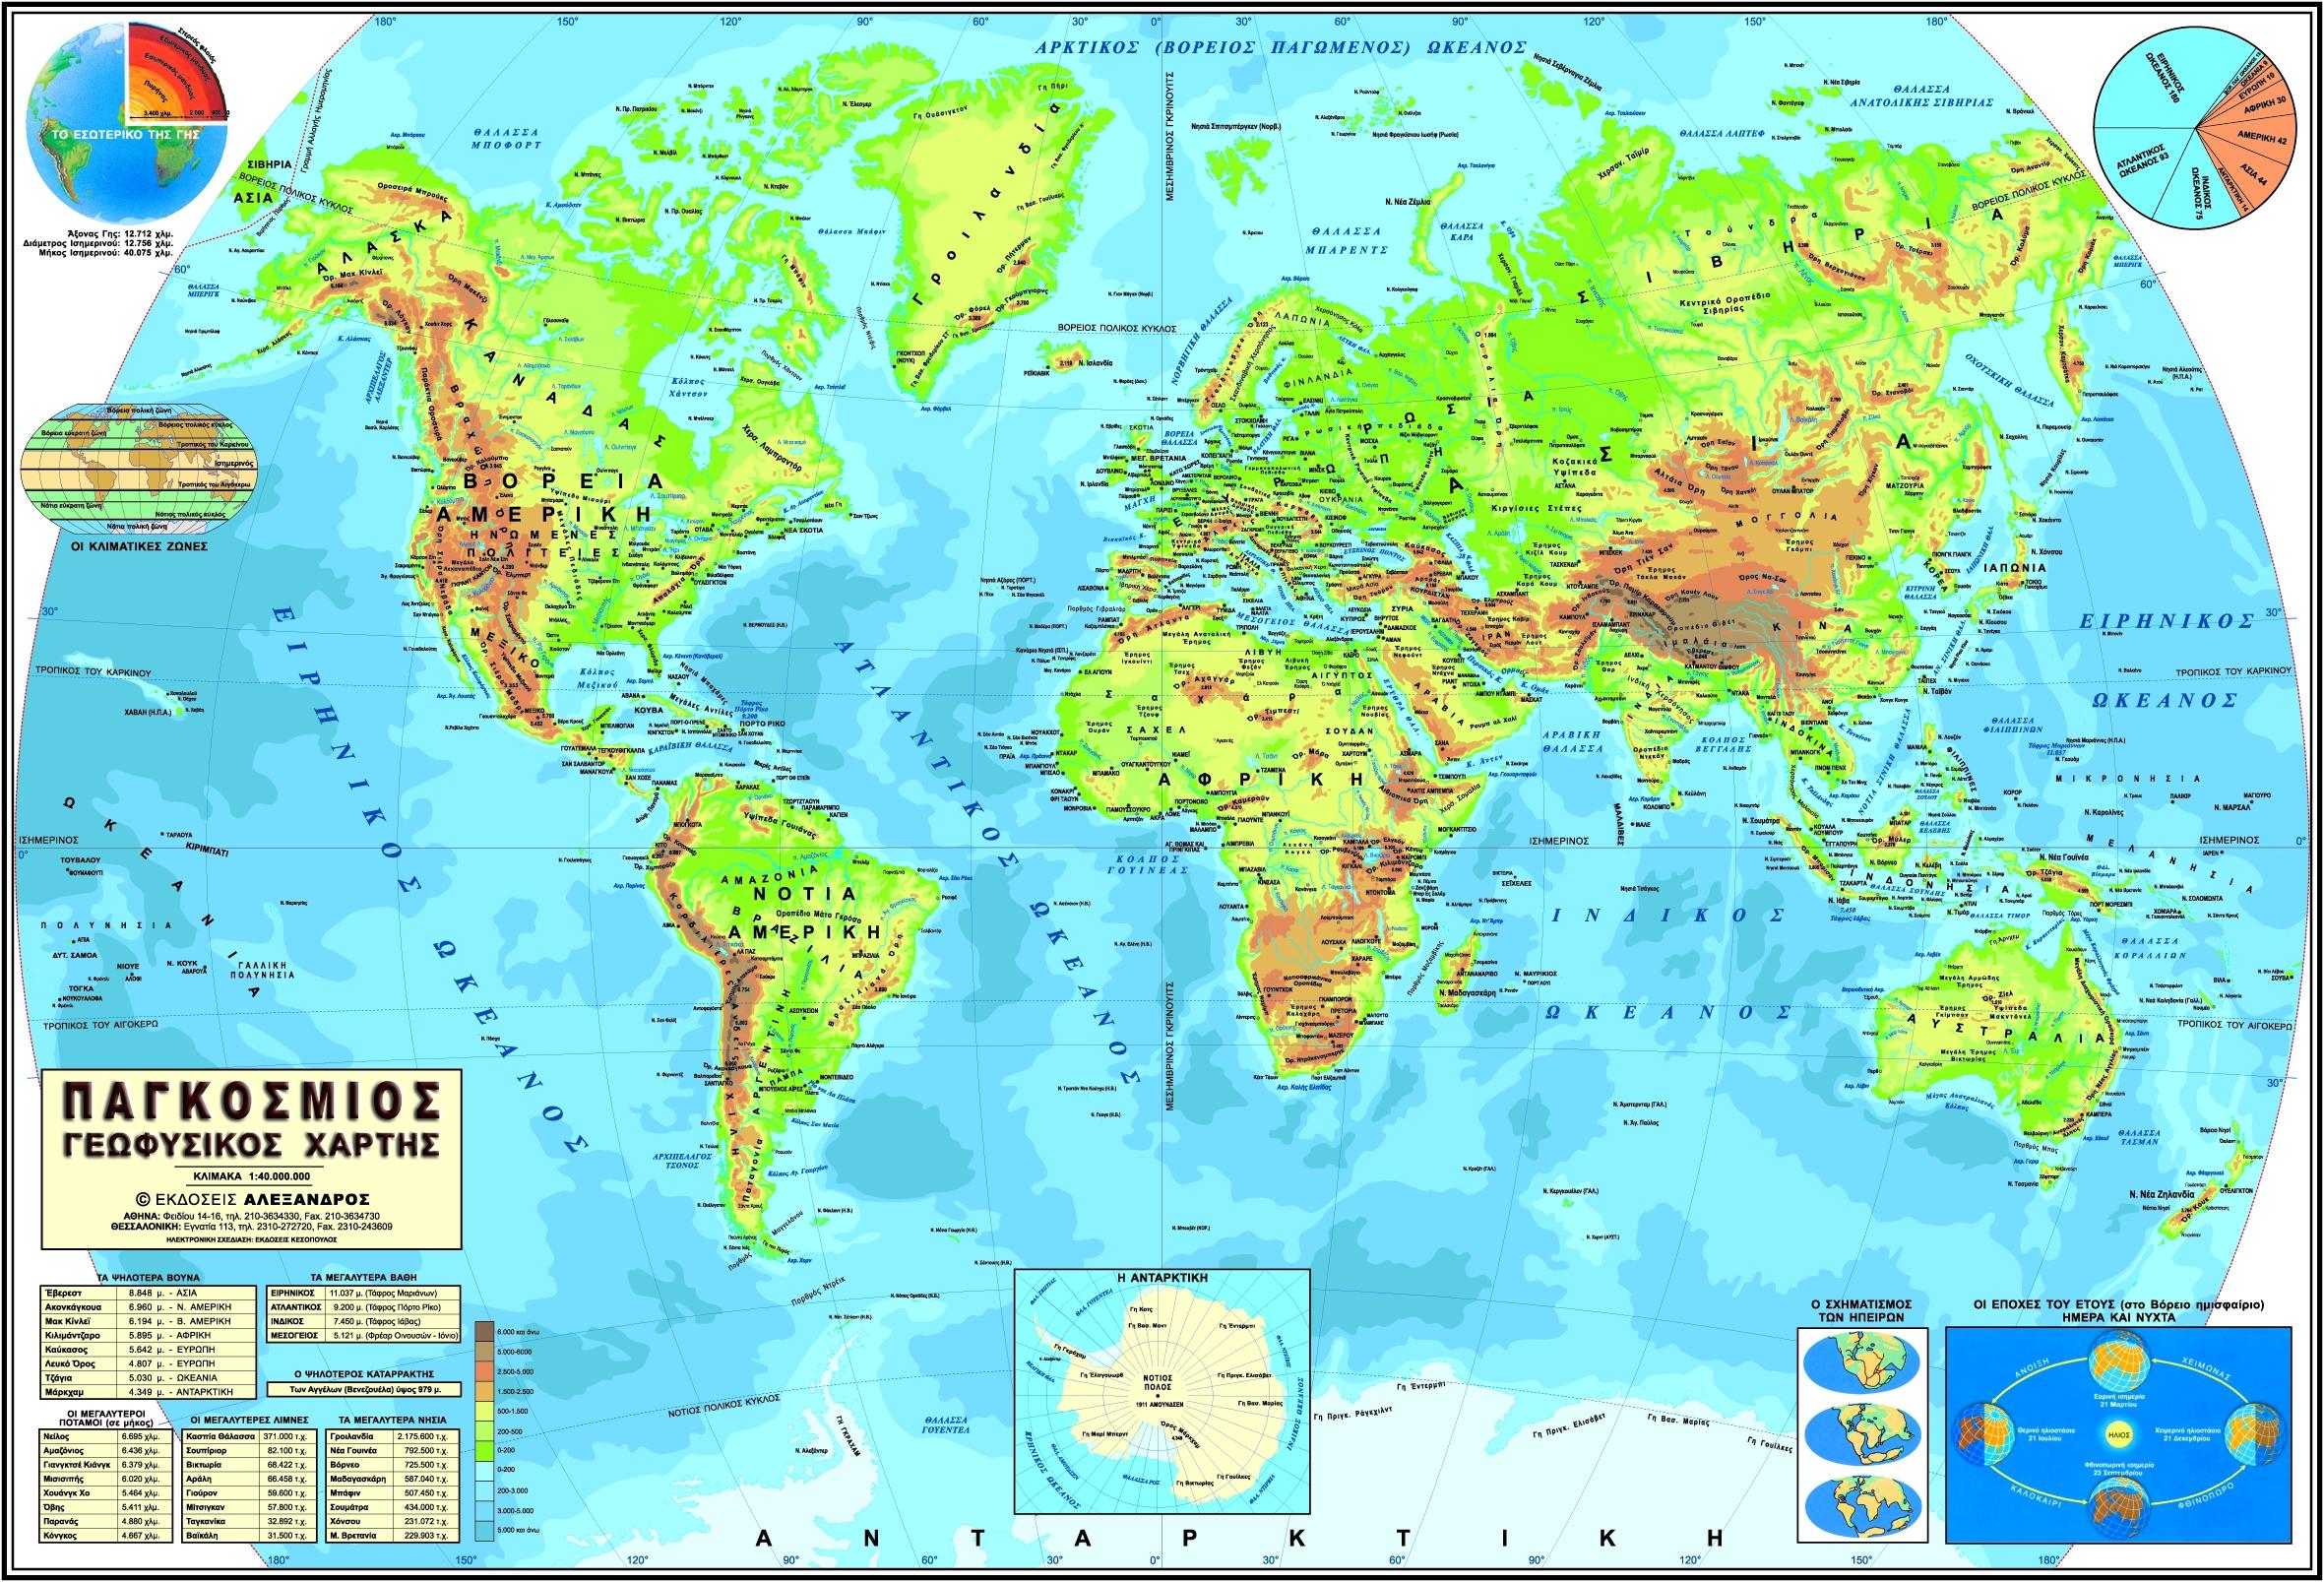 Oi 1205 Kalyteres Eikones Toy Pinaka Maps Gewgrafia Xartes Kai